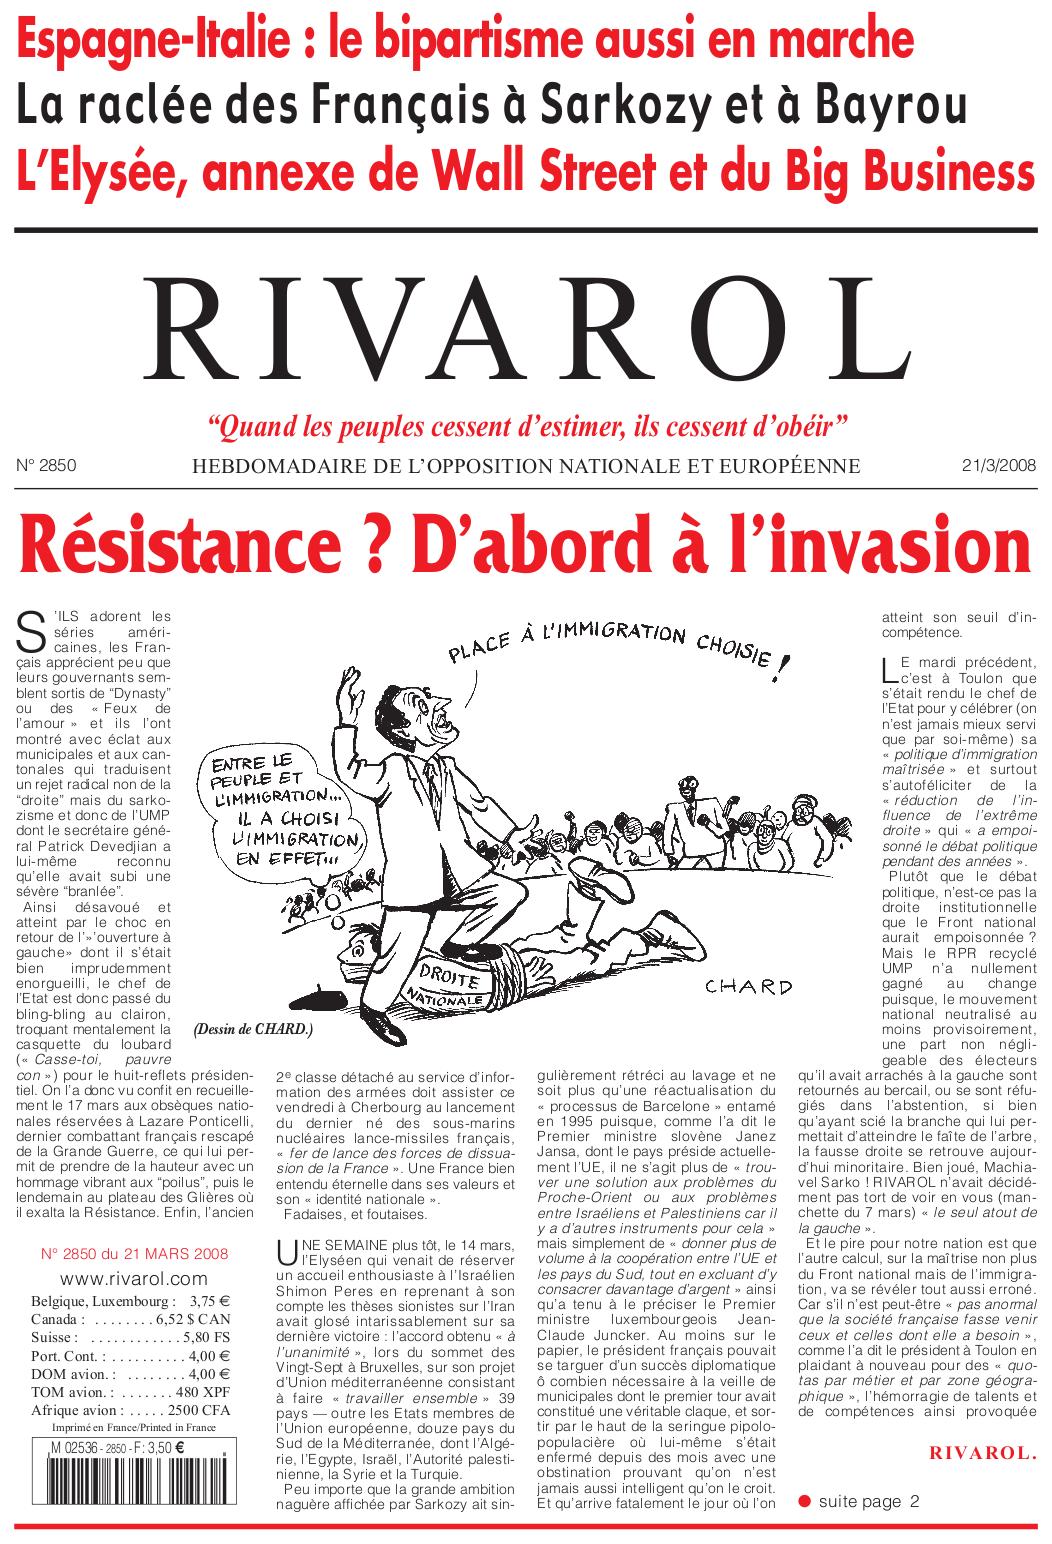 Rivarol n°2850 version numérique (PDF)